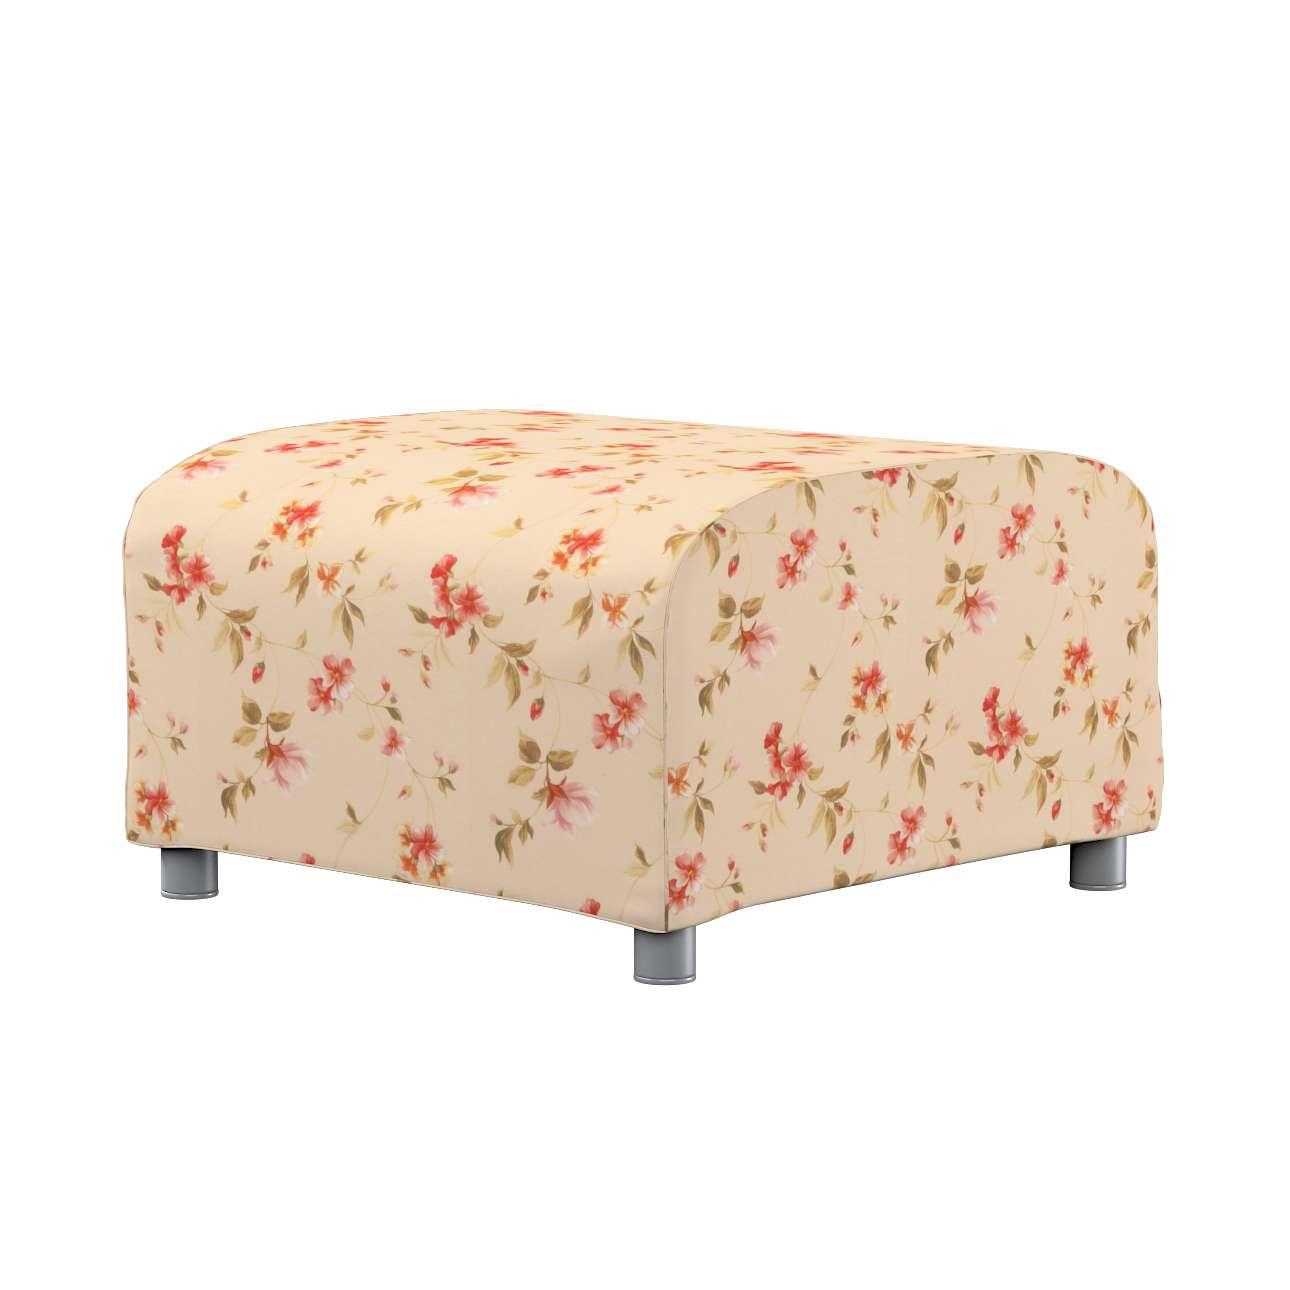 KLIPPAN pufo užvalkalas Klippan footstool cover kolekcijoje Londres, audinys: 124-05